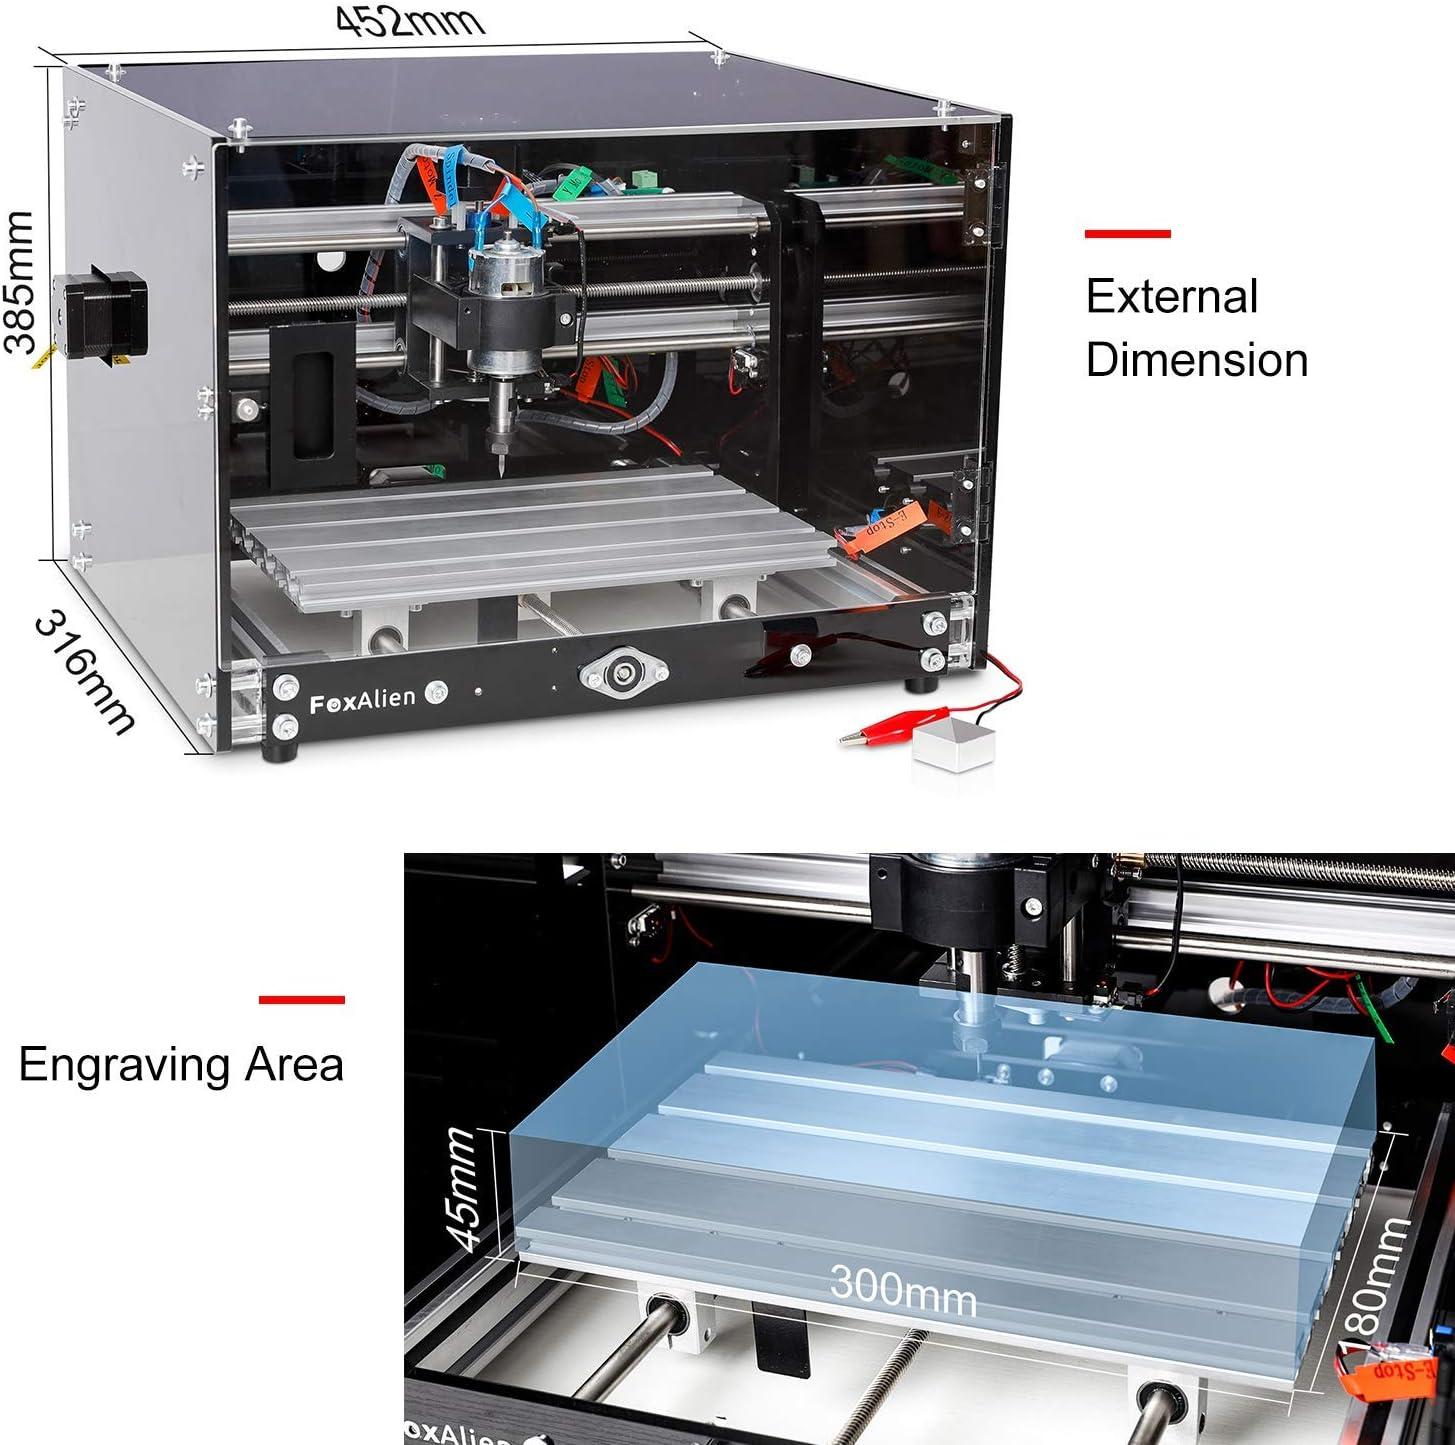 FoxAlien 3018-SE CNC Router Engraving Machine Bench Vise 10pcs Triangular Router Bits V-Bit